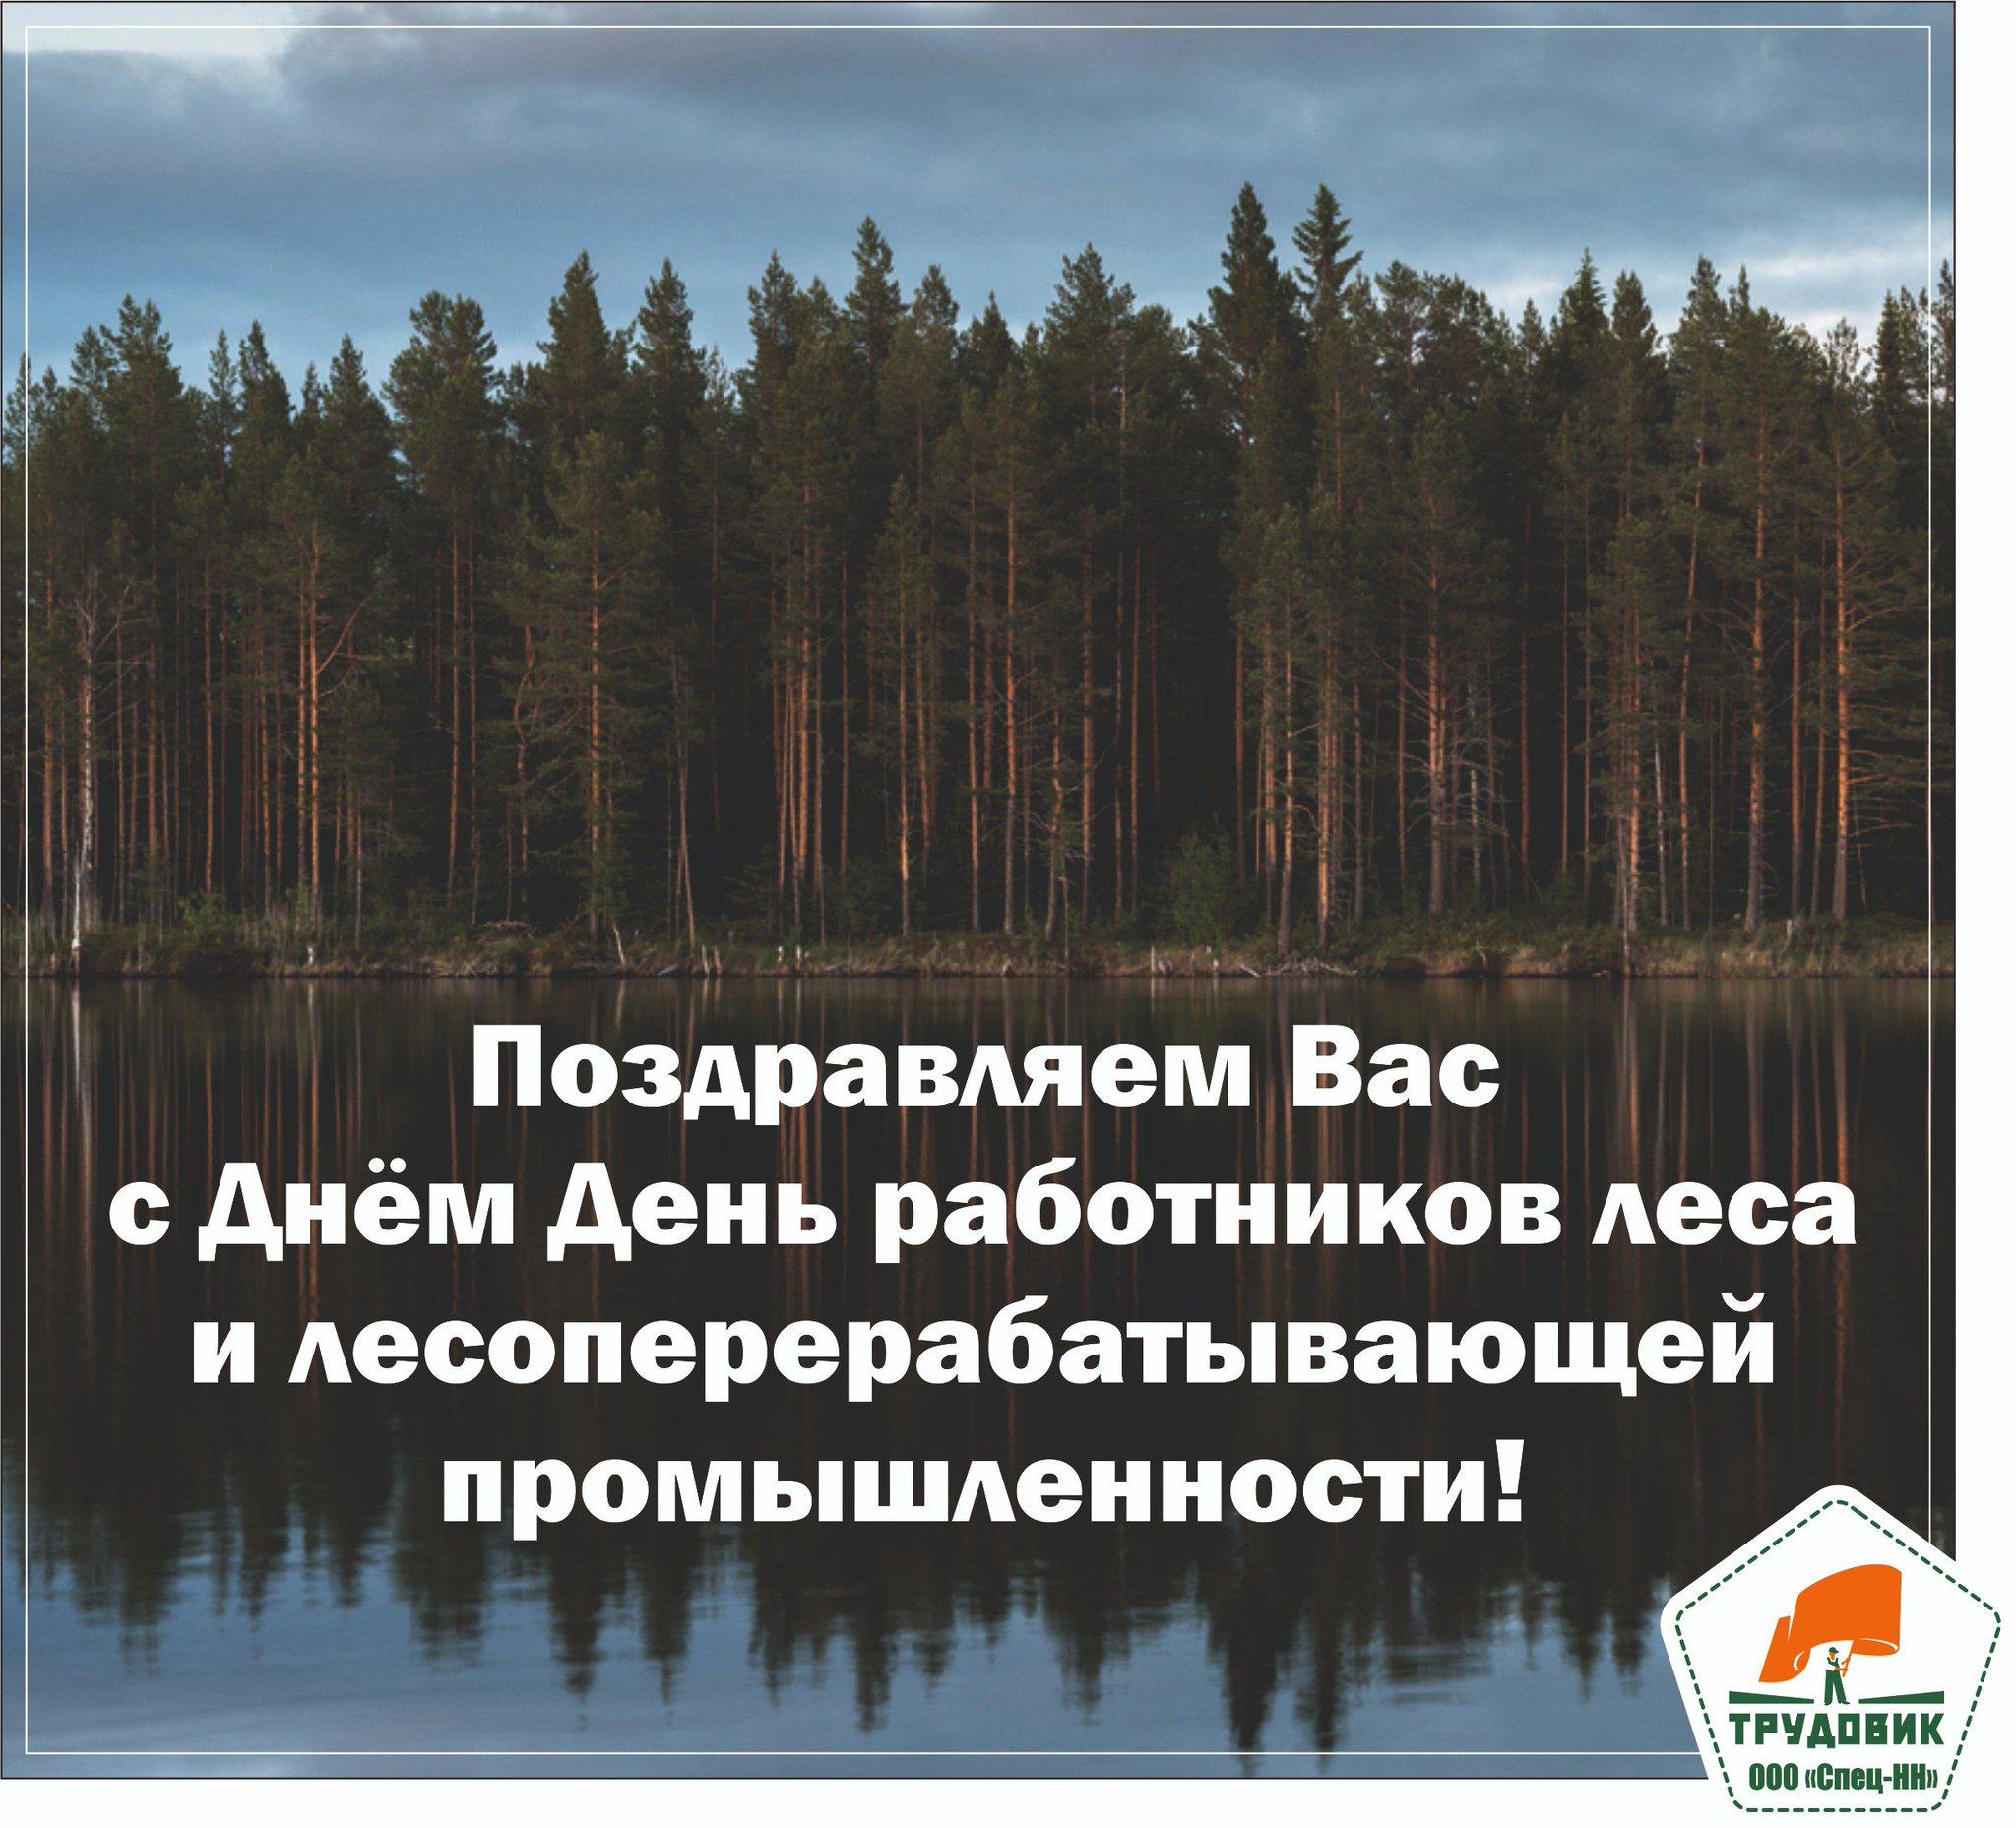 Для мужчины, поздравительные открытки с днем работников леса и лесоперерабатывающей промышленности